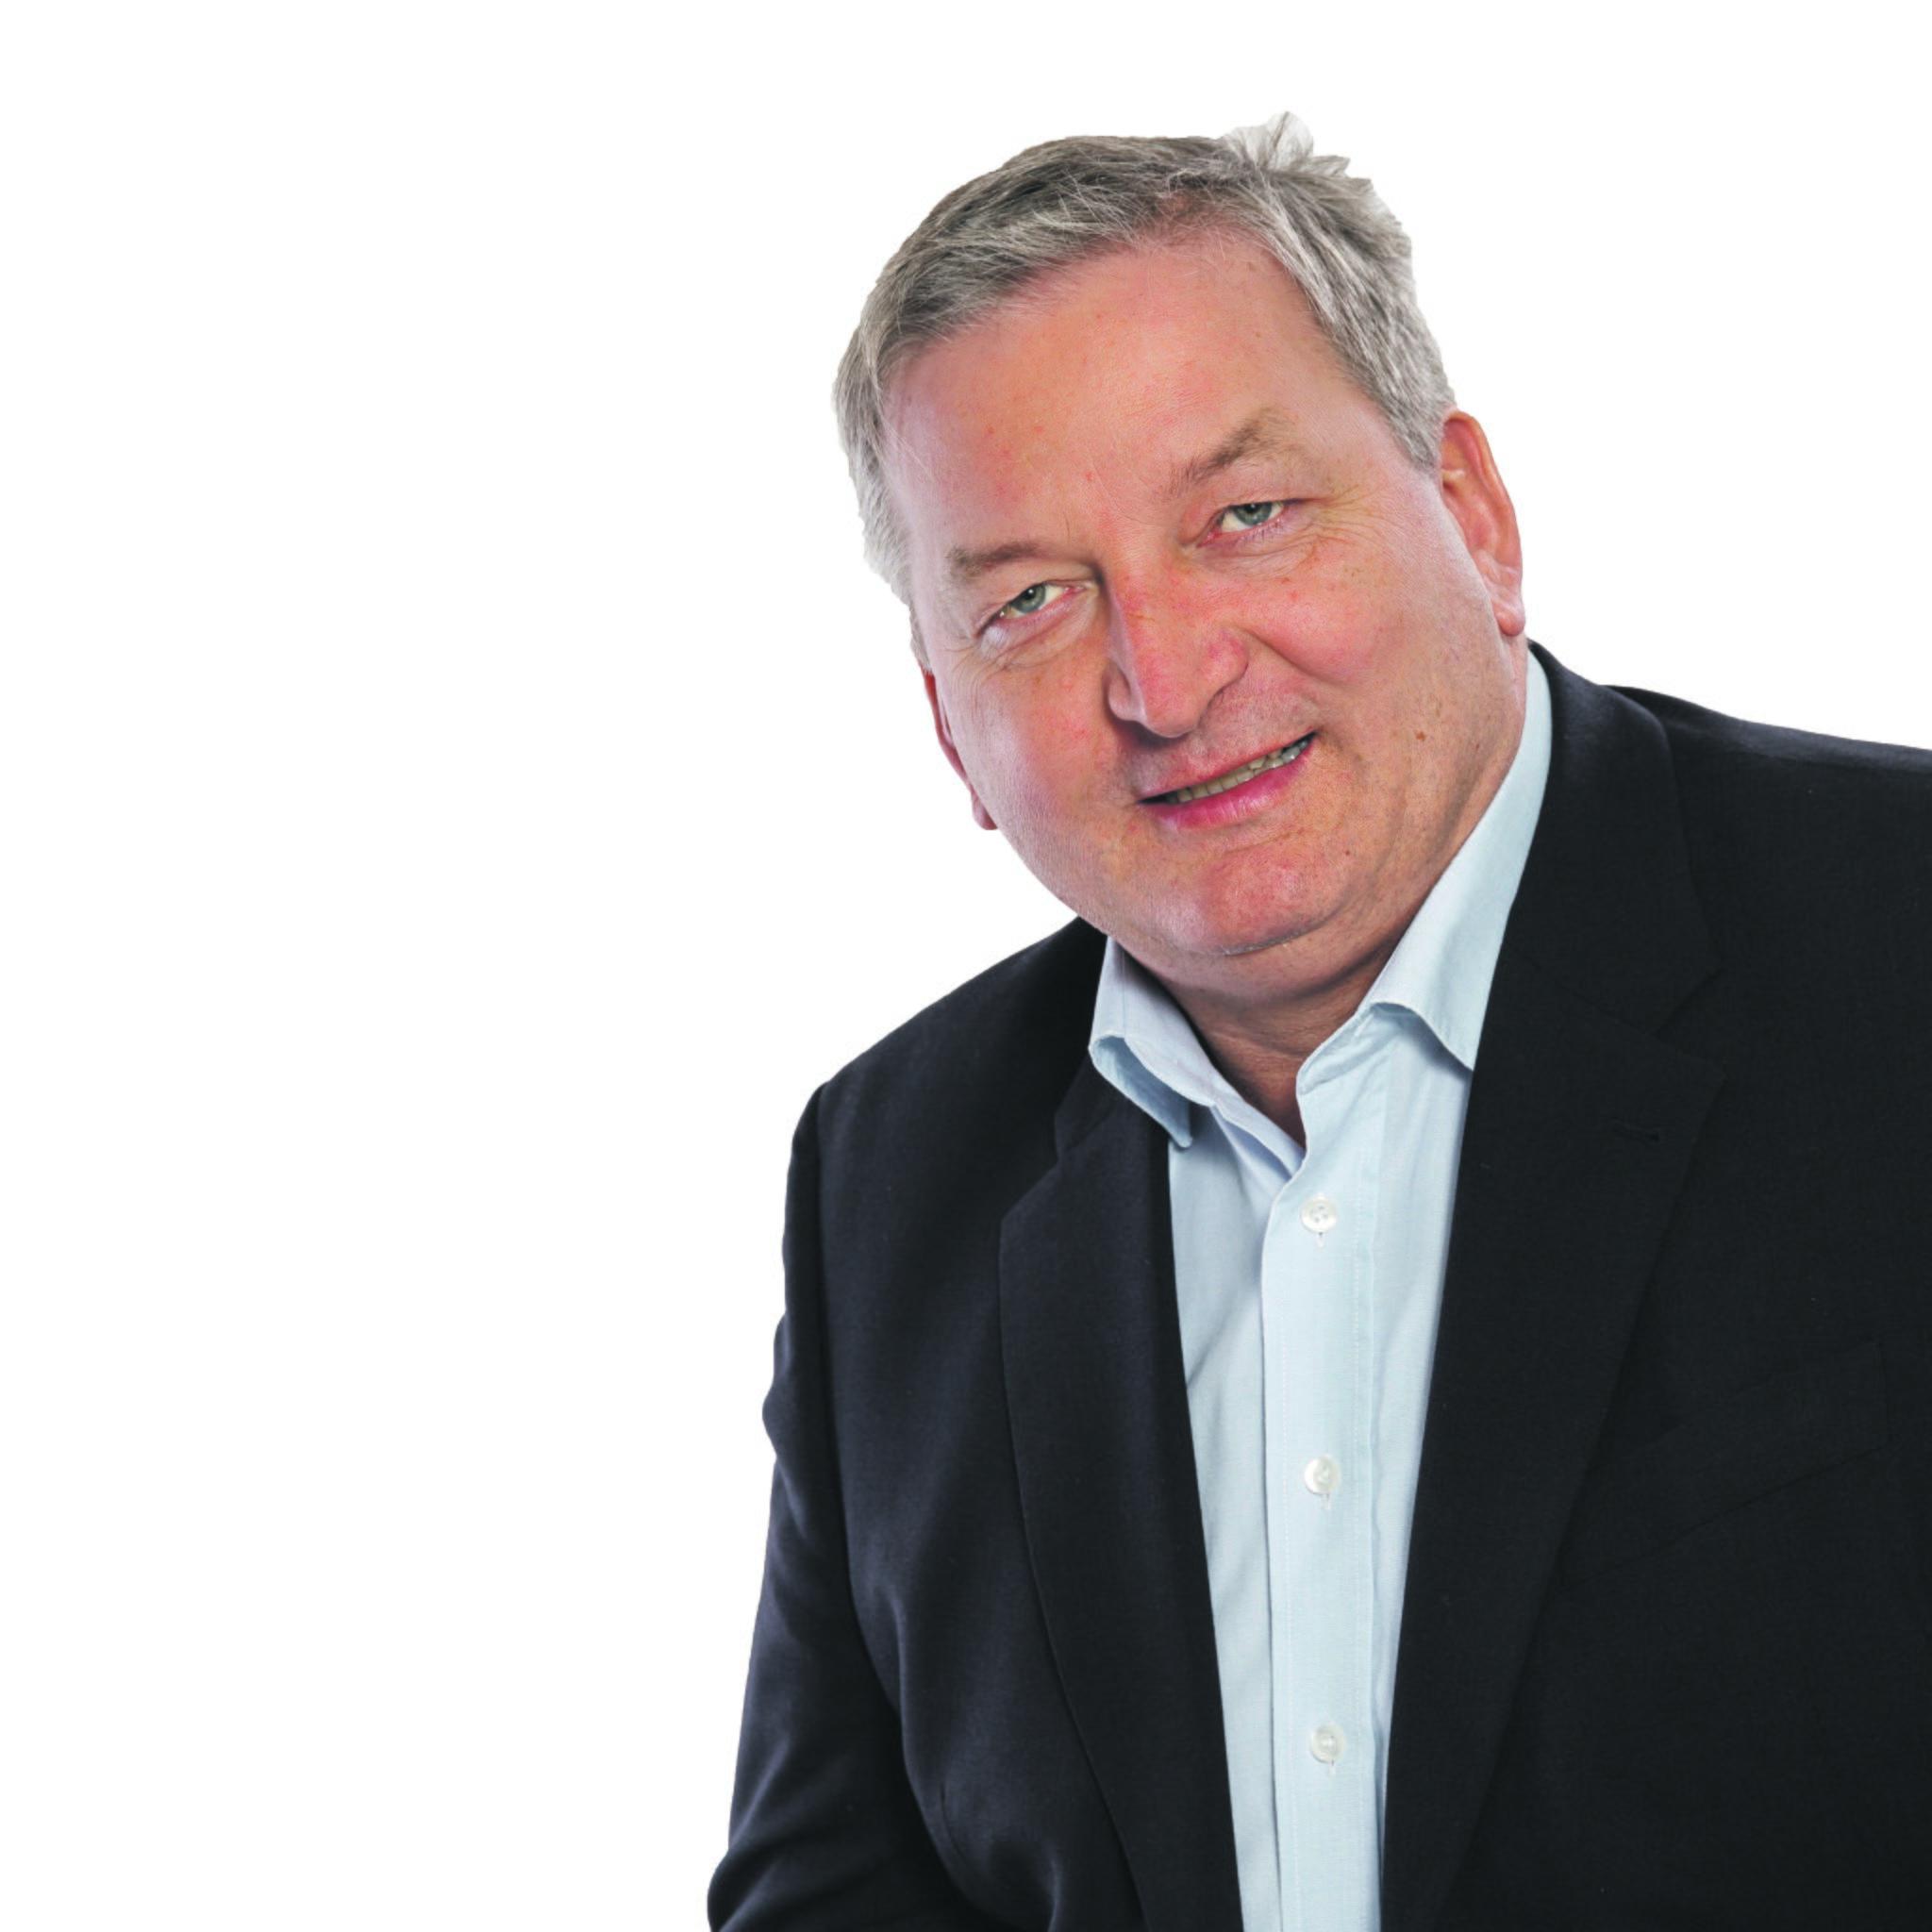 Lebring-sankt margarethen single umgebung: Partnersuche ab 60